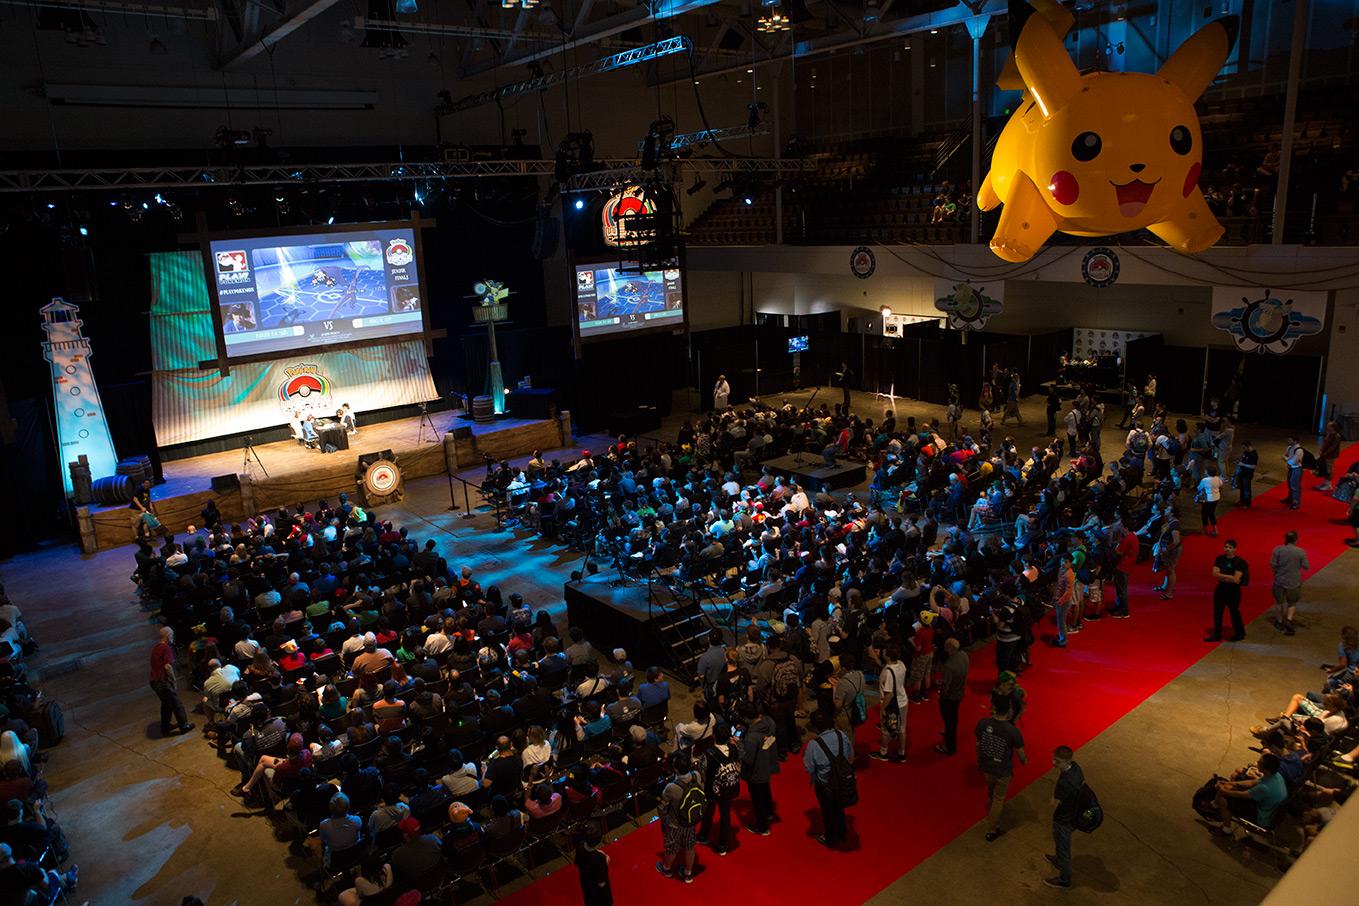 El evento más grande de Pokémon en el año